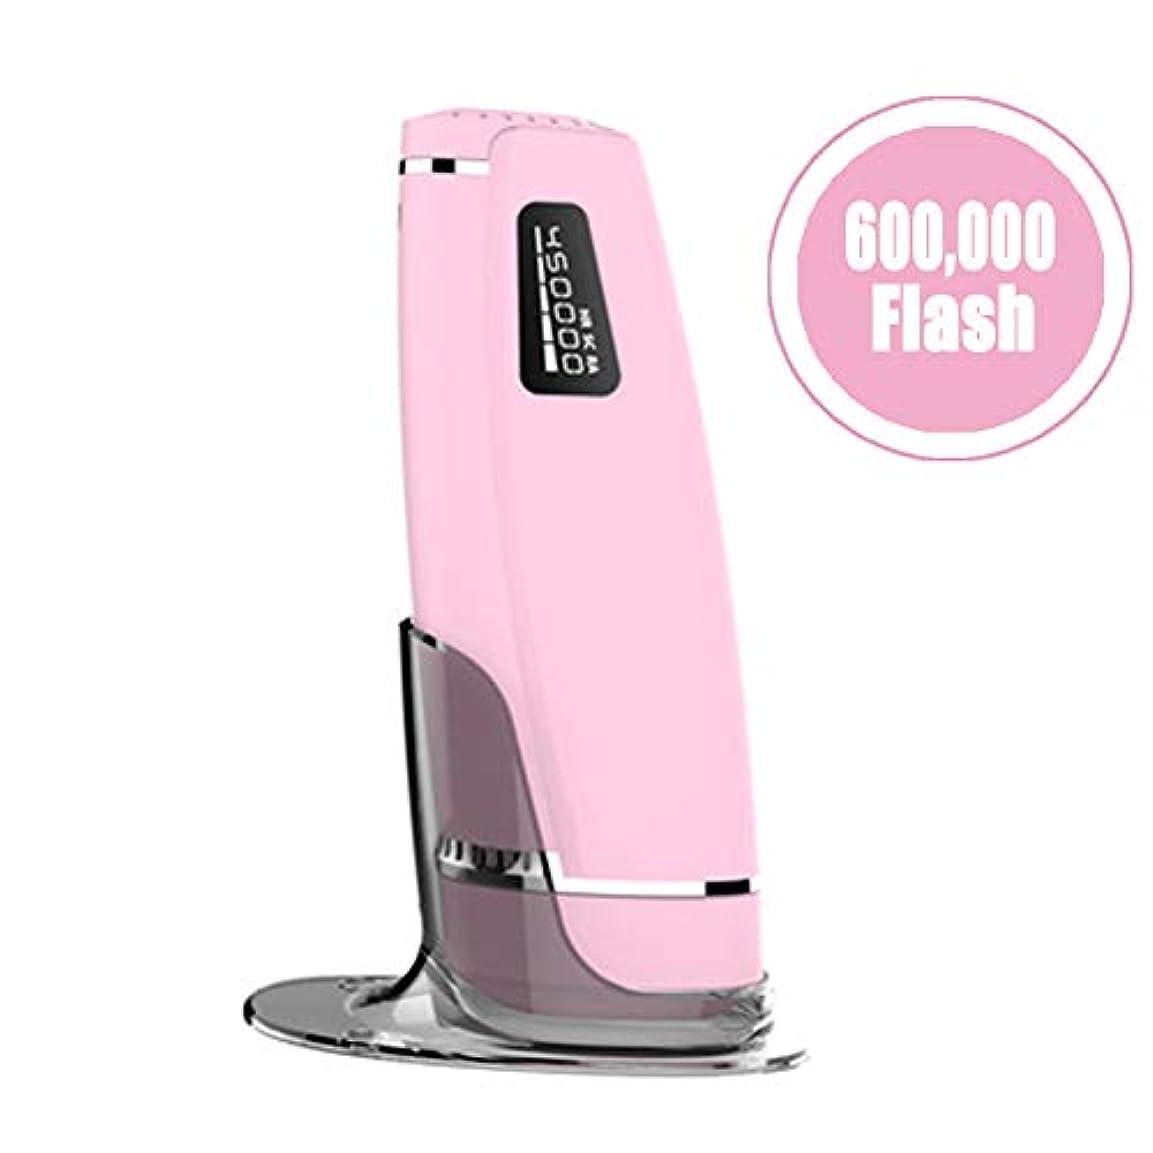 電気技師鎮静剤信念アップグレードIPLレーザー脱毛システムデバイス、60万回のフラッシュ無痛常設パルス光脱毛器にとってボディフェイス脇の下ビキニライン,Pink